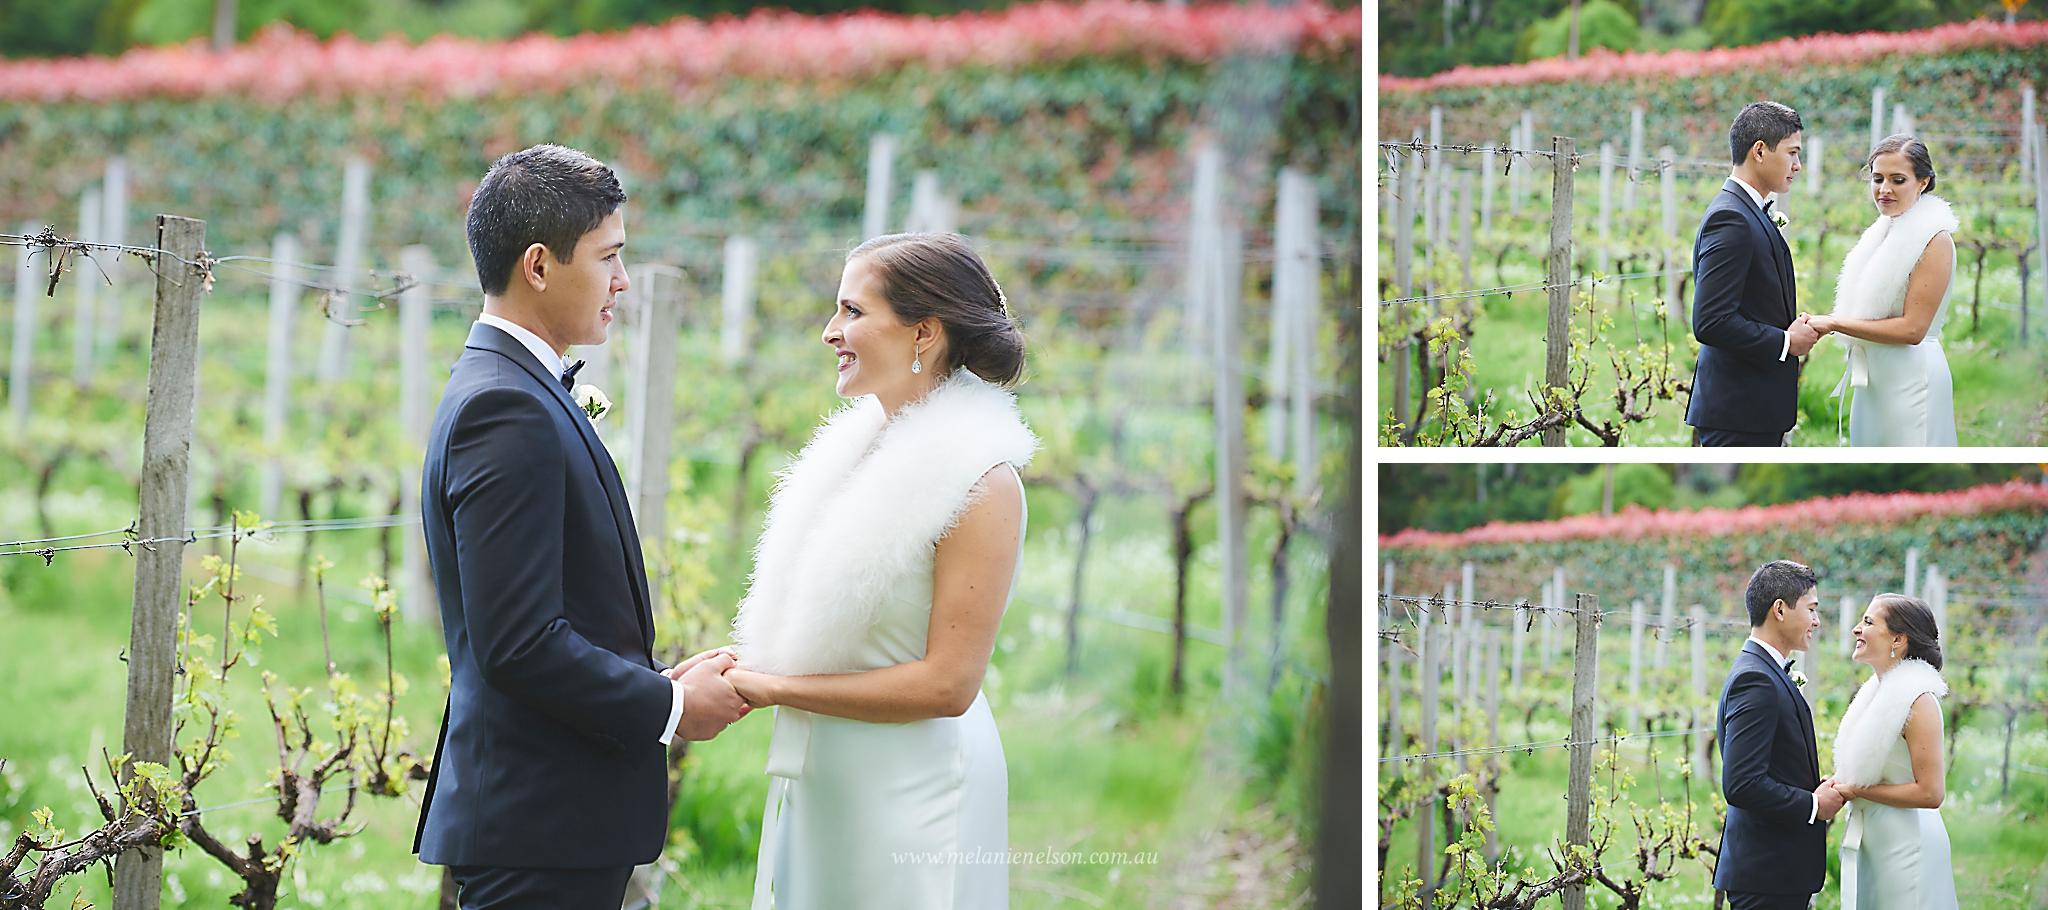 adelaide_hills_wedding_photography_0029.jpg